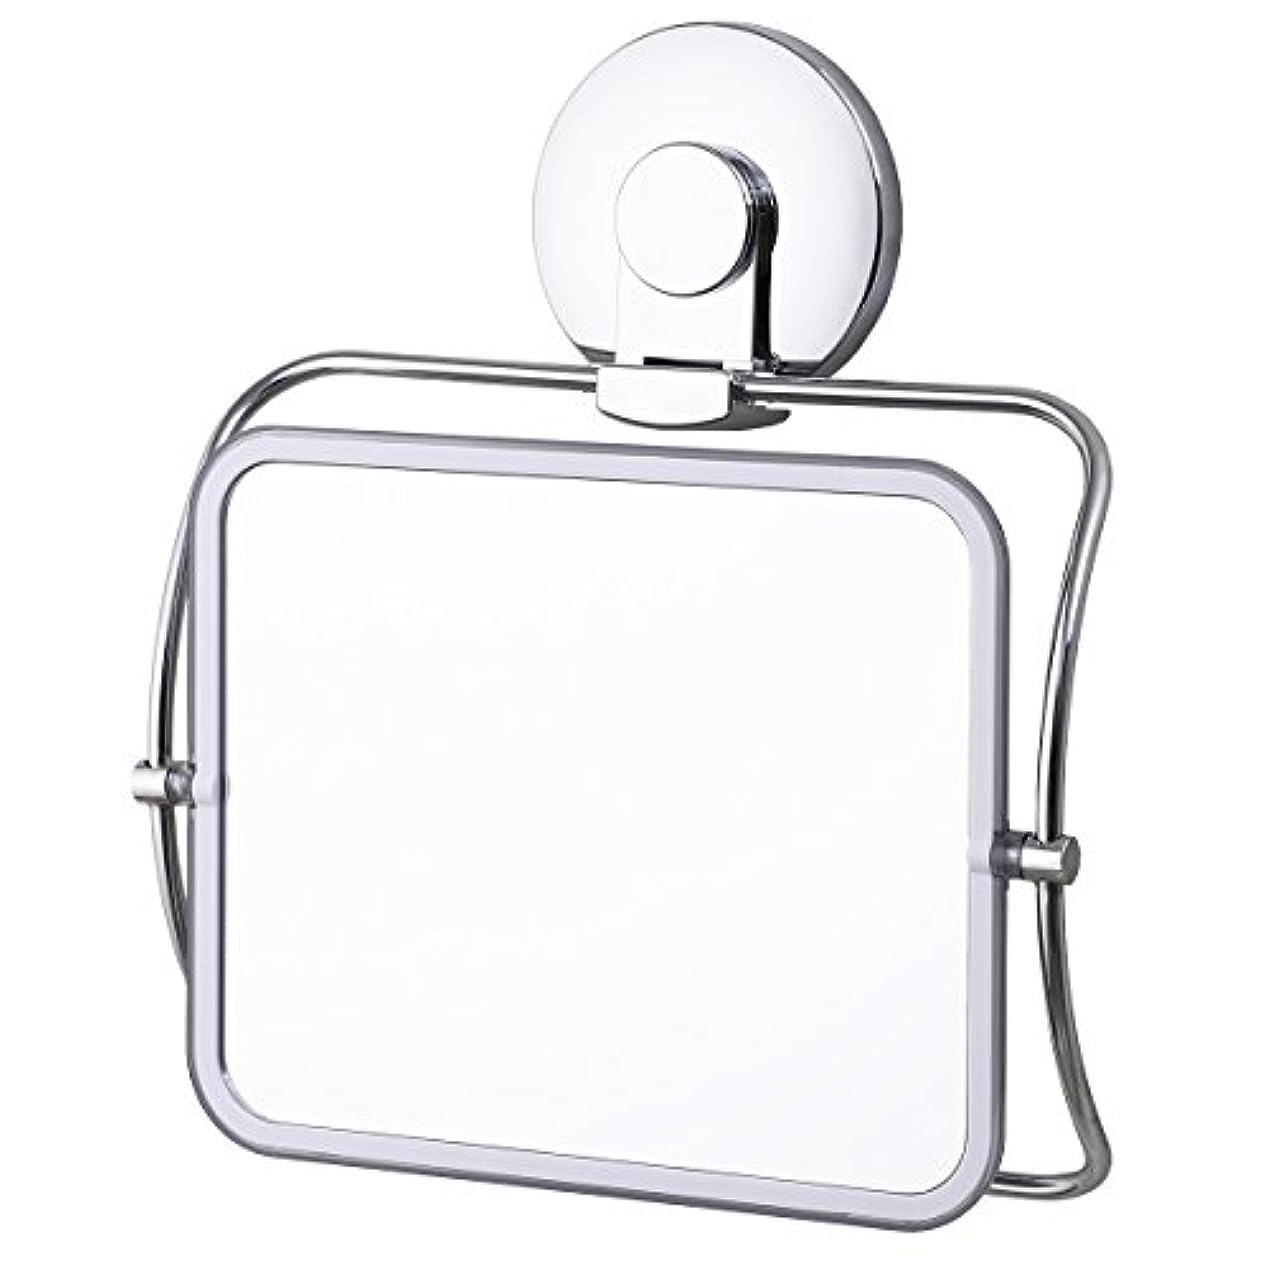 あそこ取り戻す黒TAILI 化粧鏡 風呂鏡 浴室ミラー 強力吸盤付き 壁掛け 壁傷つけない 回転可能 使いやすい 多機能 髭剃り 化粧 毛抜き用 おしゃれ 再利用可能